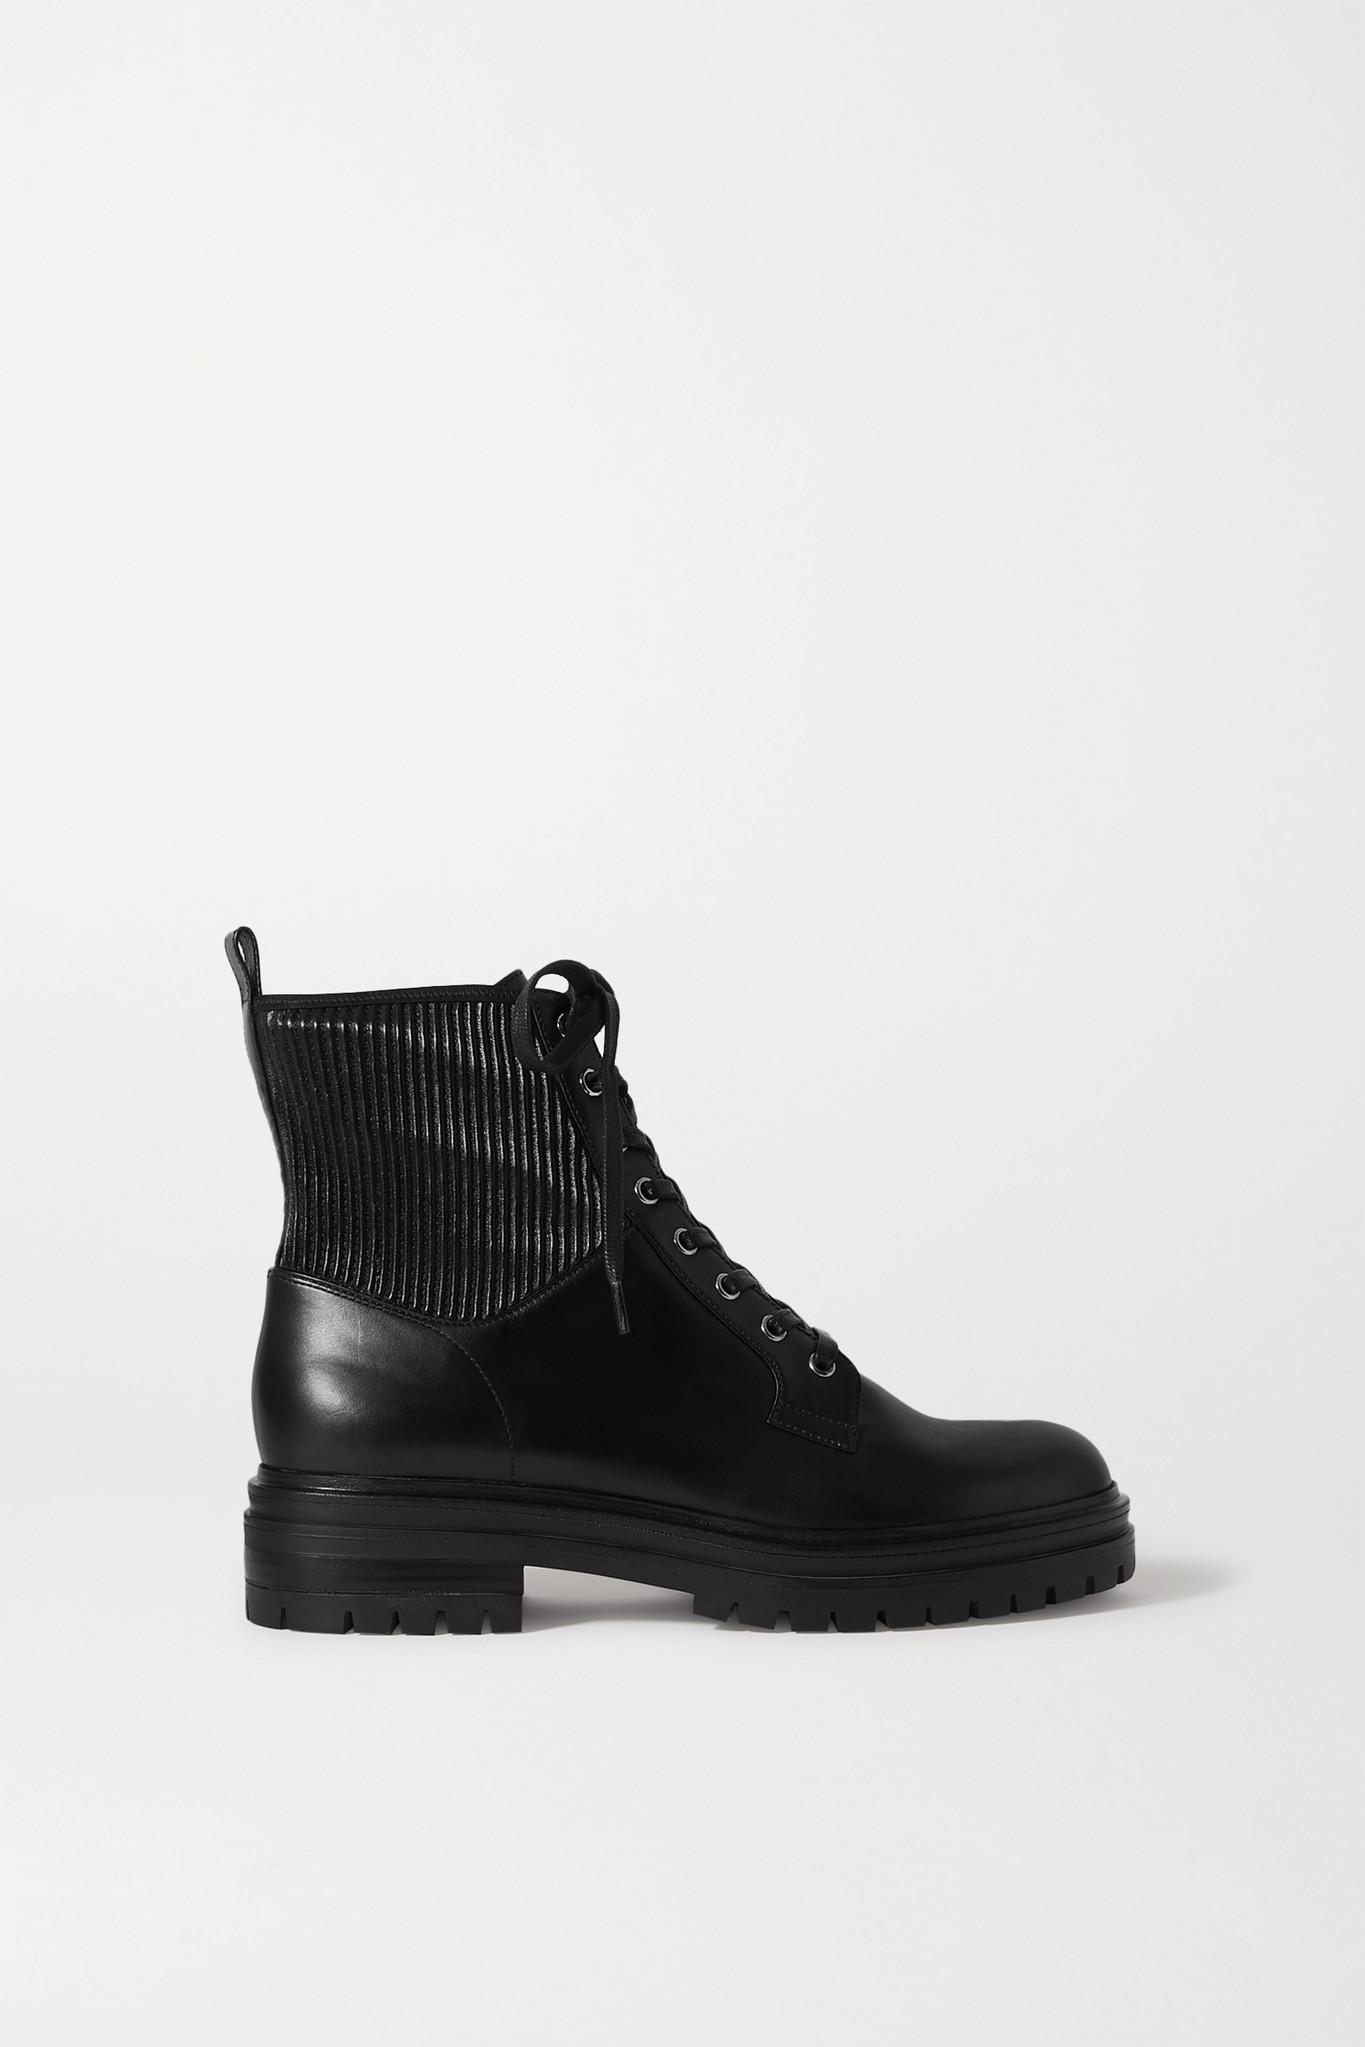 GIANVITO ROSSI - Martis 40 皮革踝靴 - 黑色 - IT39.5